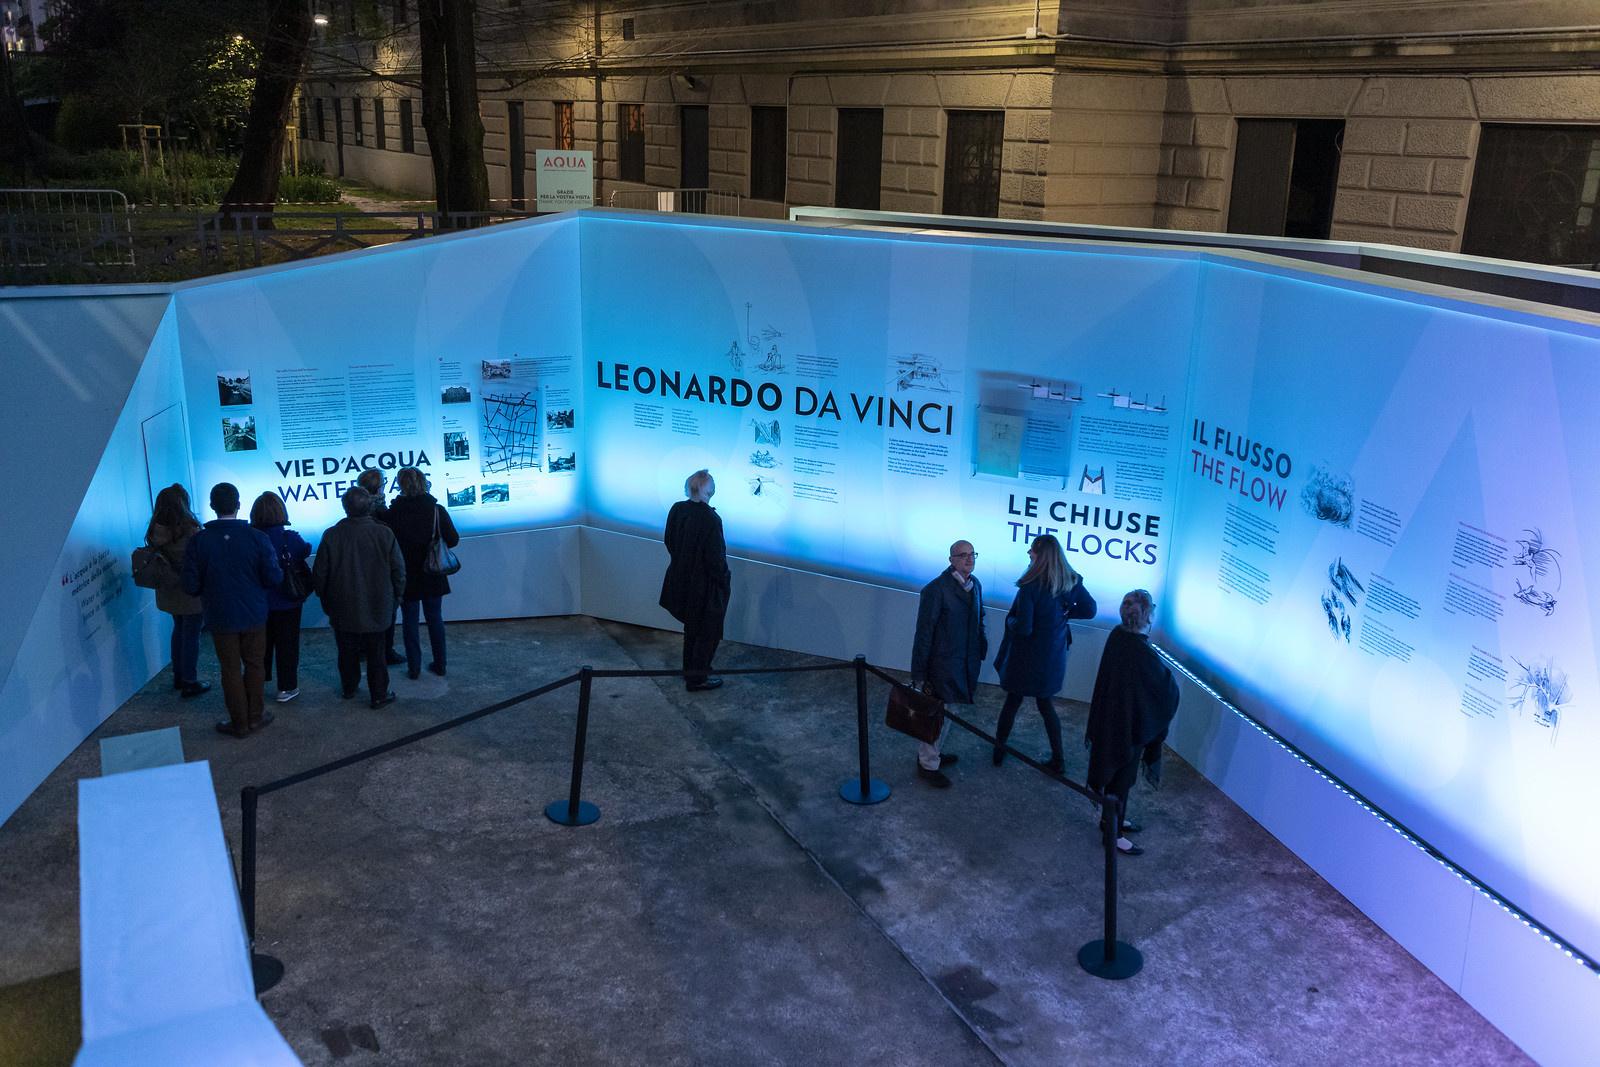 Форма воды: иммерсивный объект AQUA. Leonardo's Vision (галерея 5, фото 0)